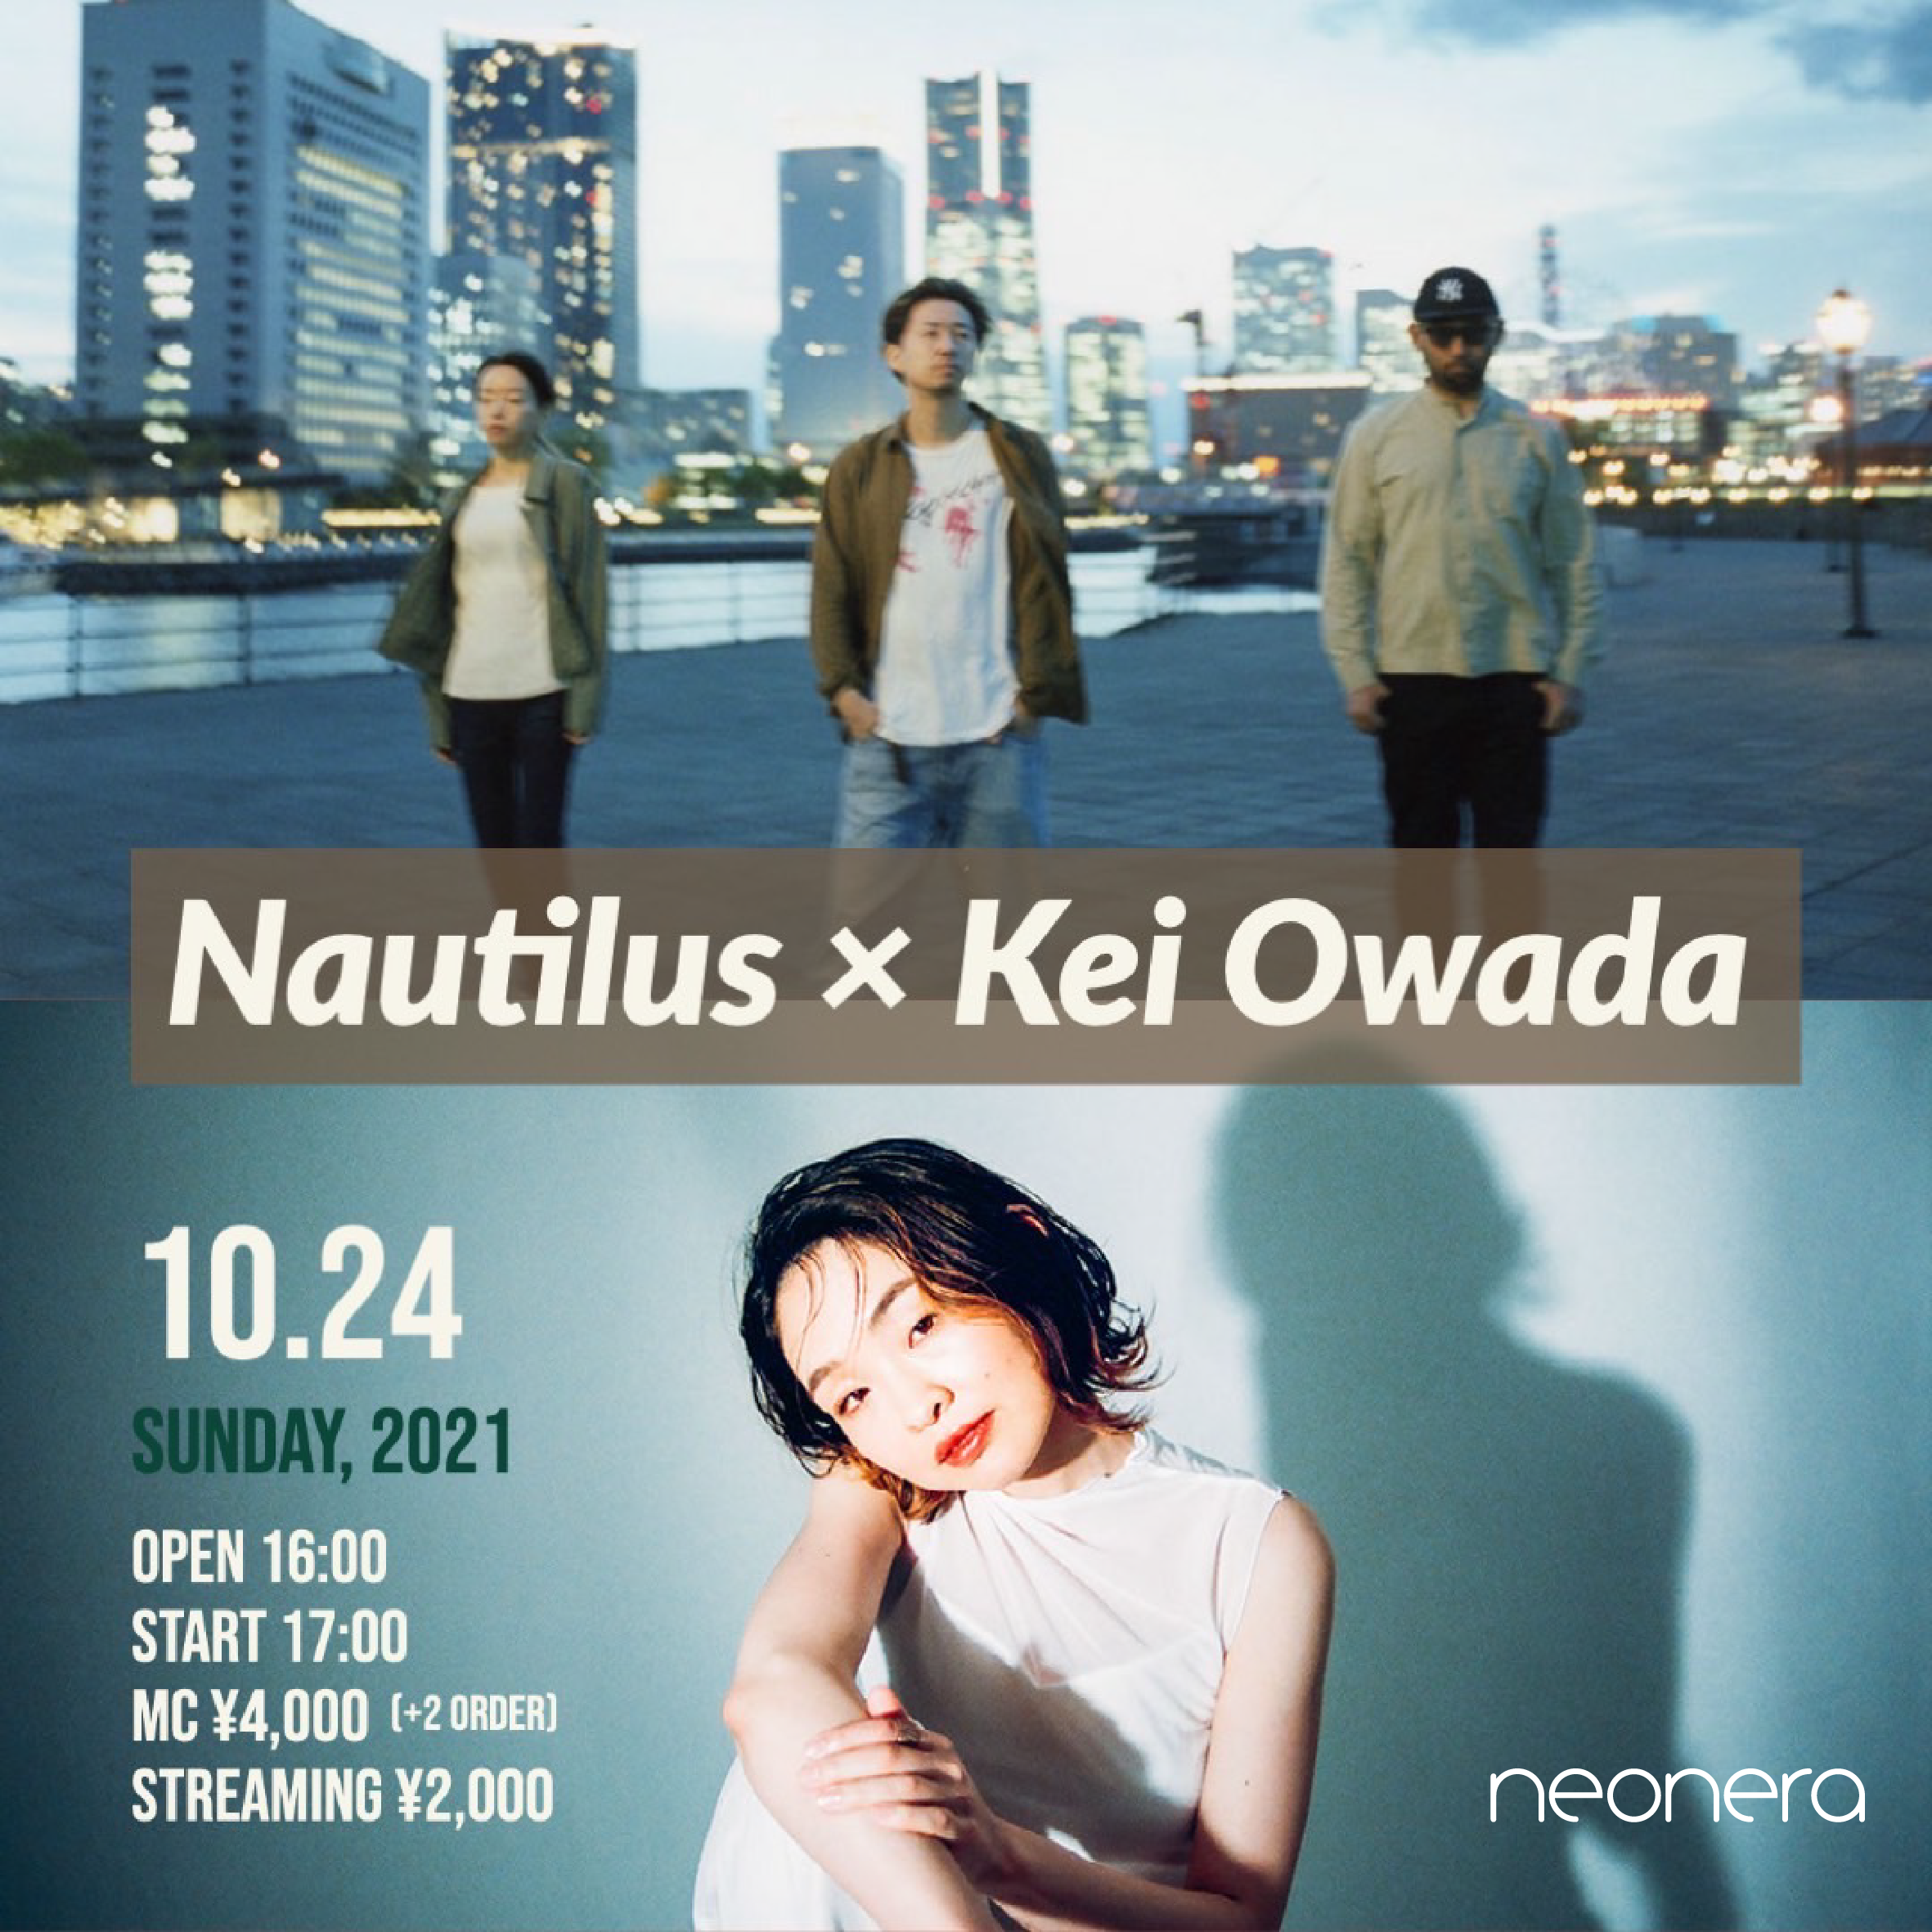 10月24日(日)Nautilus × 大和田慧 Live at neonera